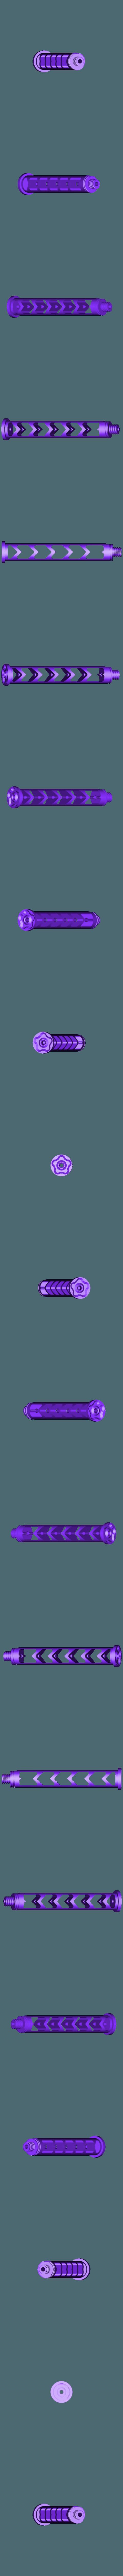 Baffles (120mm).STL Download free STL file Silencer (Suppressor) • 3D printable design, 3dcave